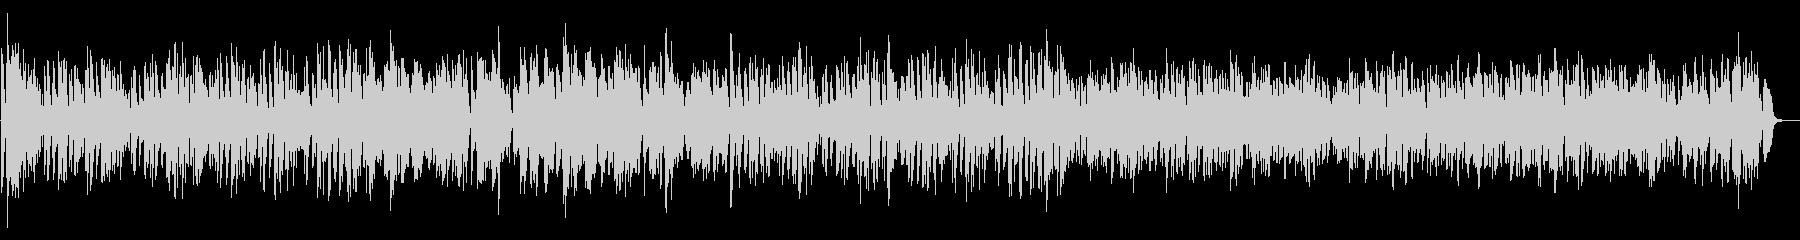 ボギー大佐 木琴とピアノ ホールの未再生の波形